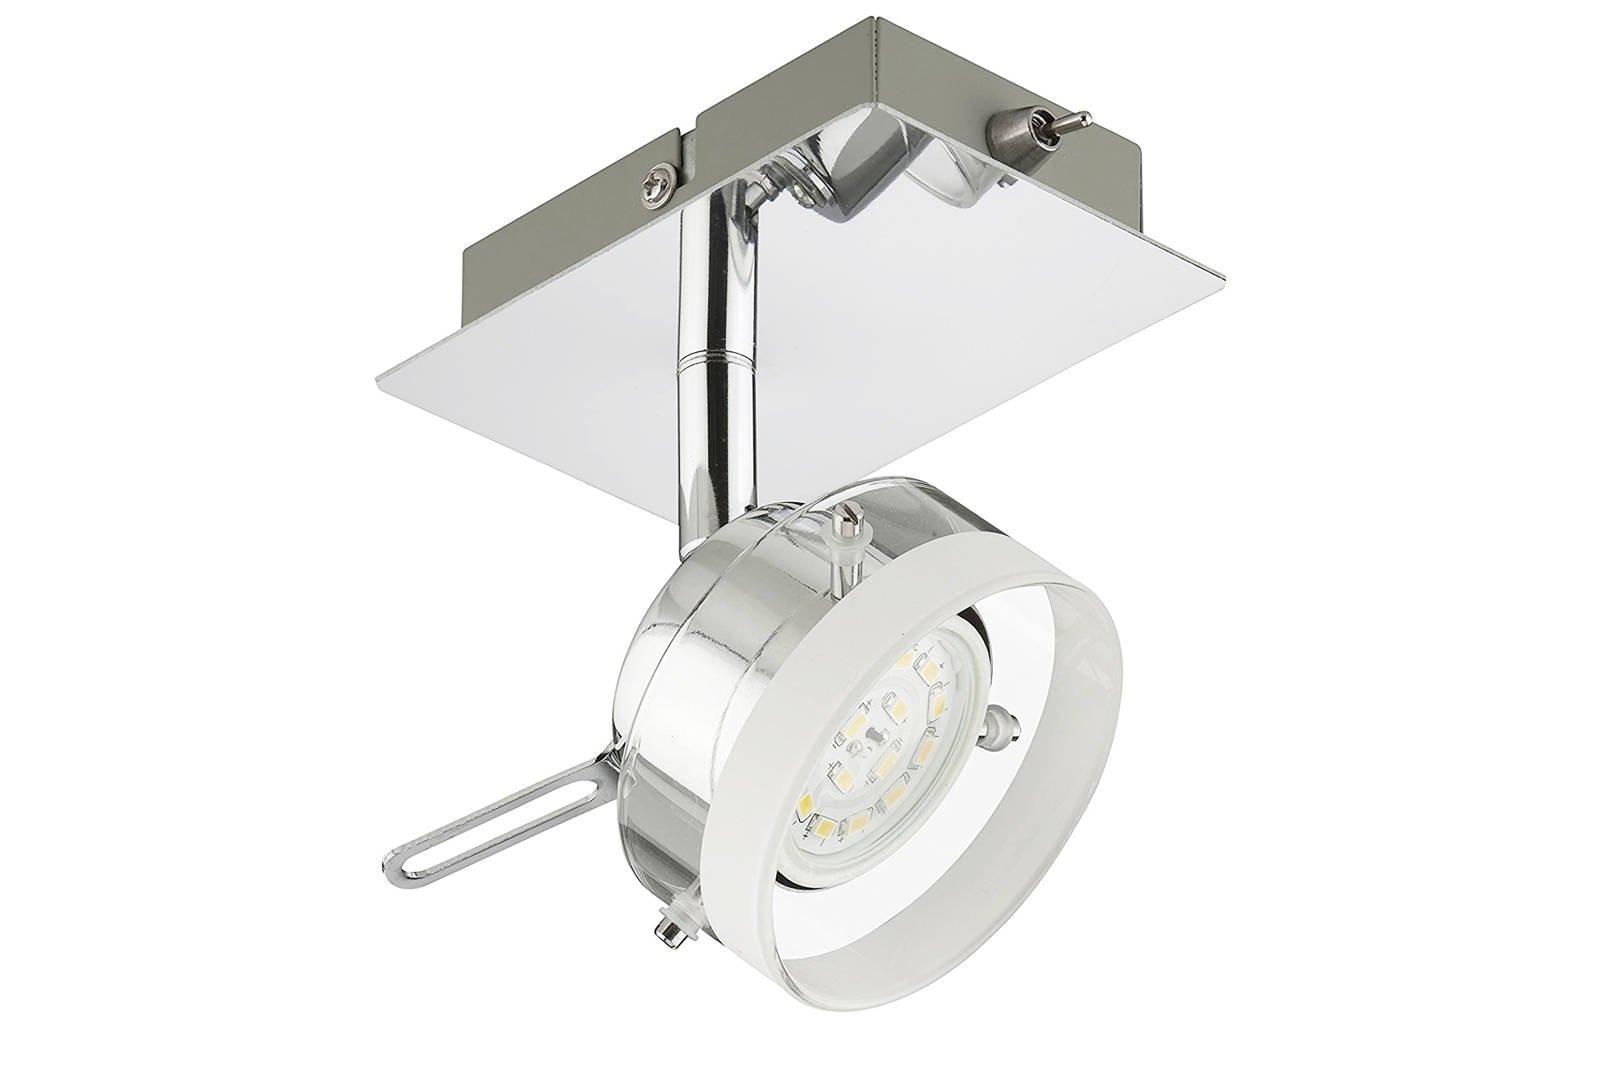 Wandleuchte Decken Briloner Klicken 2807-018 5W LED